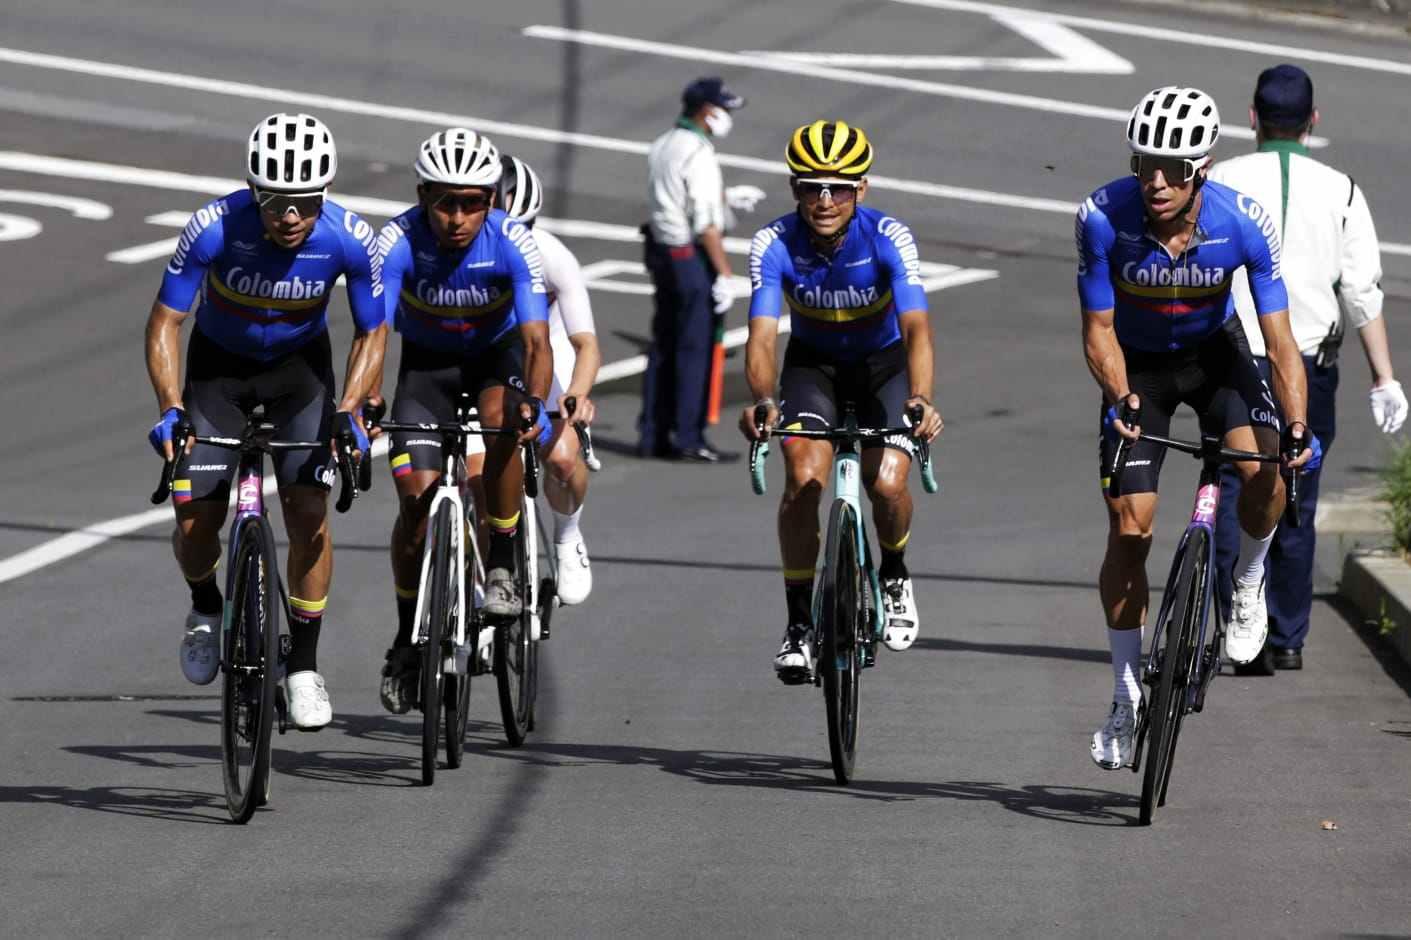 Tokio 2020: Colombia compite en ciclismo. Hora y cómo es la prueba